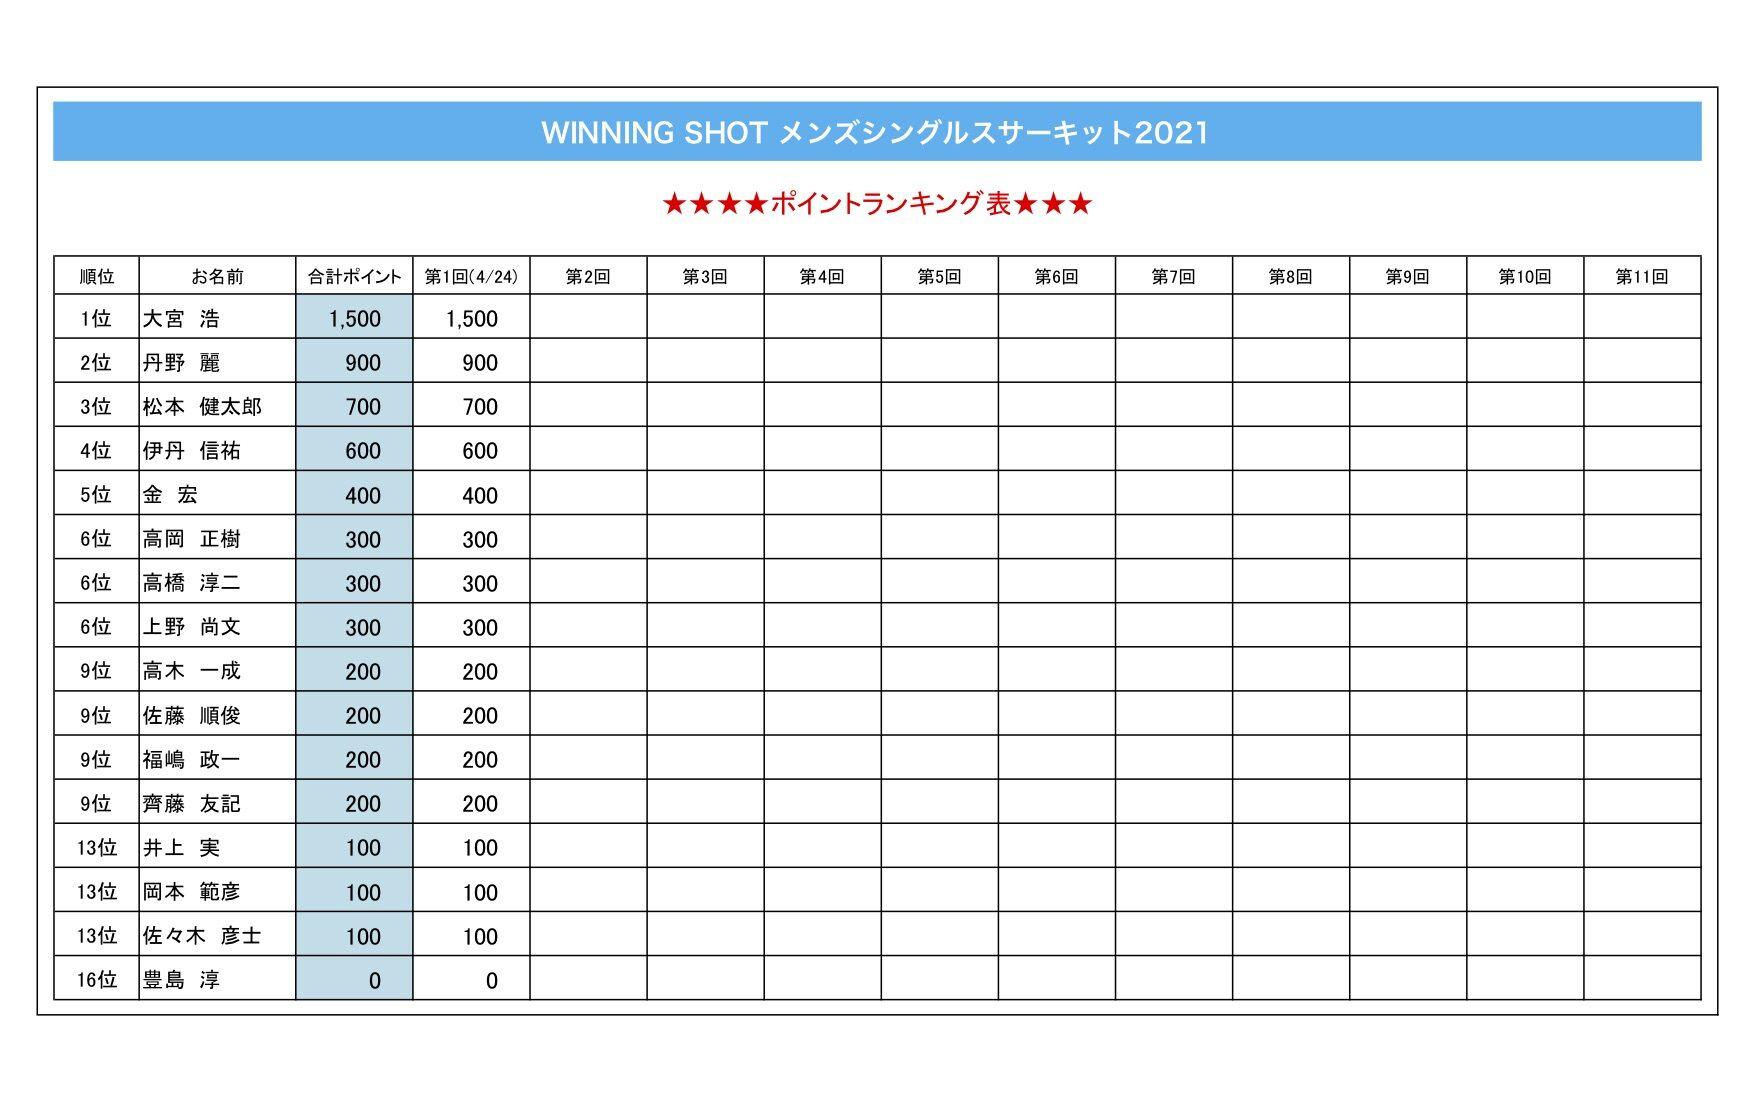 ポイントランキング表(2021年4月24日現在)